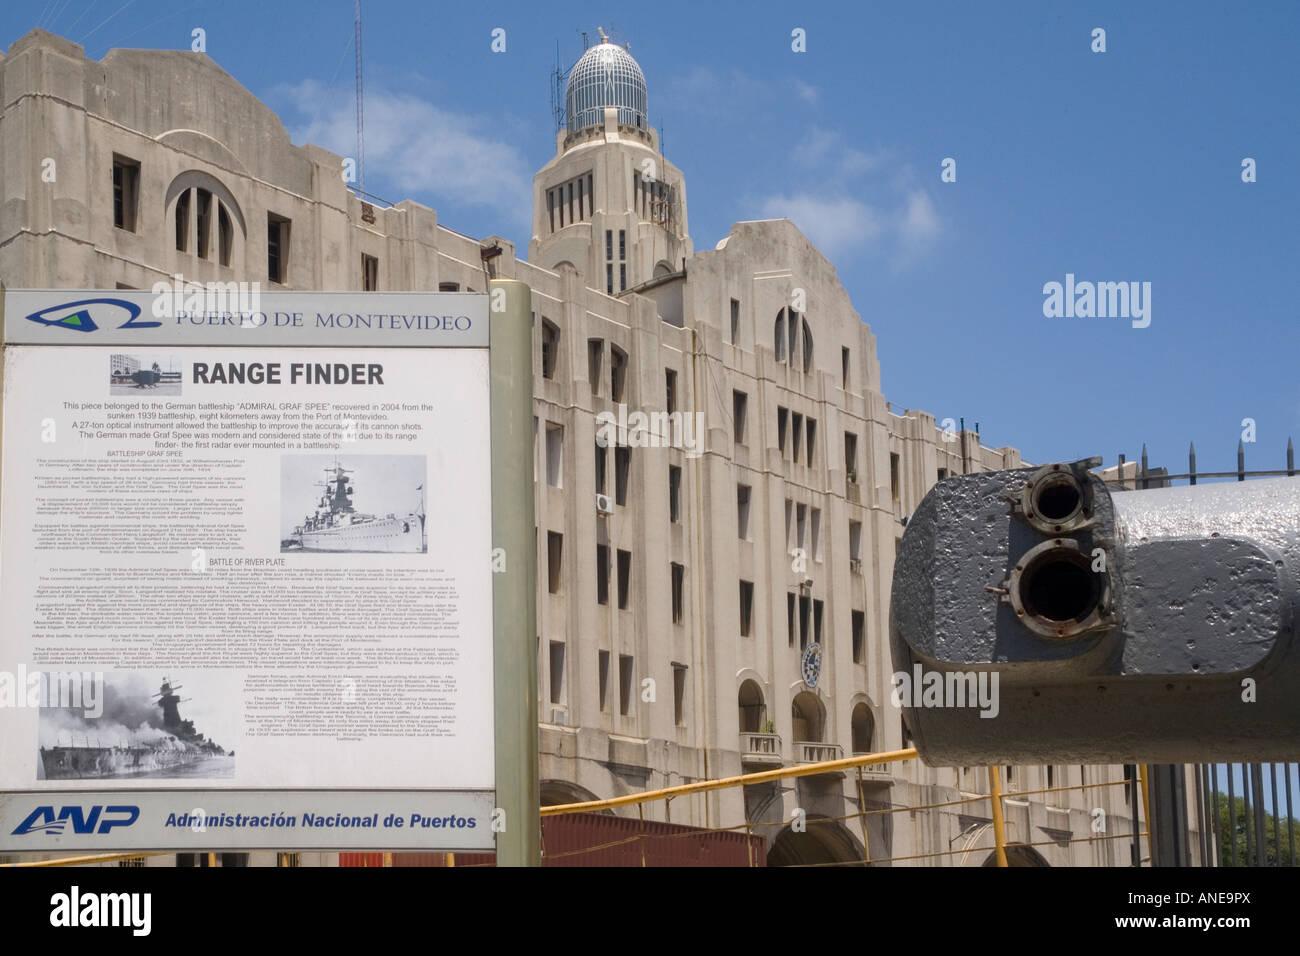 Uruguay Montevideo Docks Graf Spee rangefinder relic, with memorial plaque - Stock Image